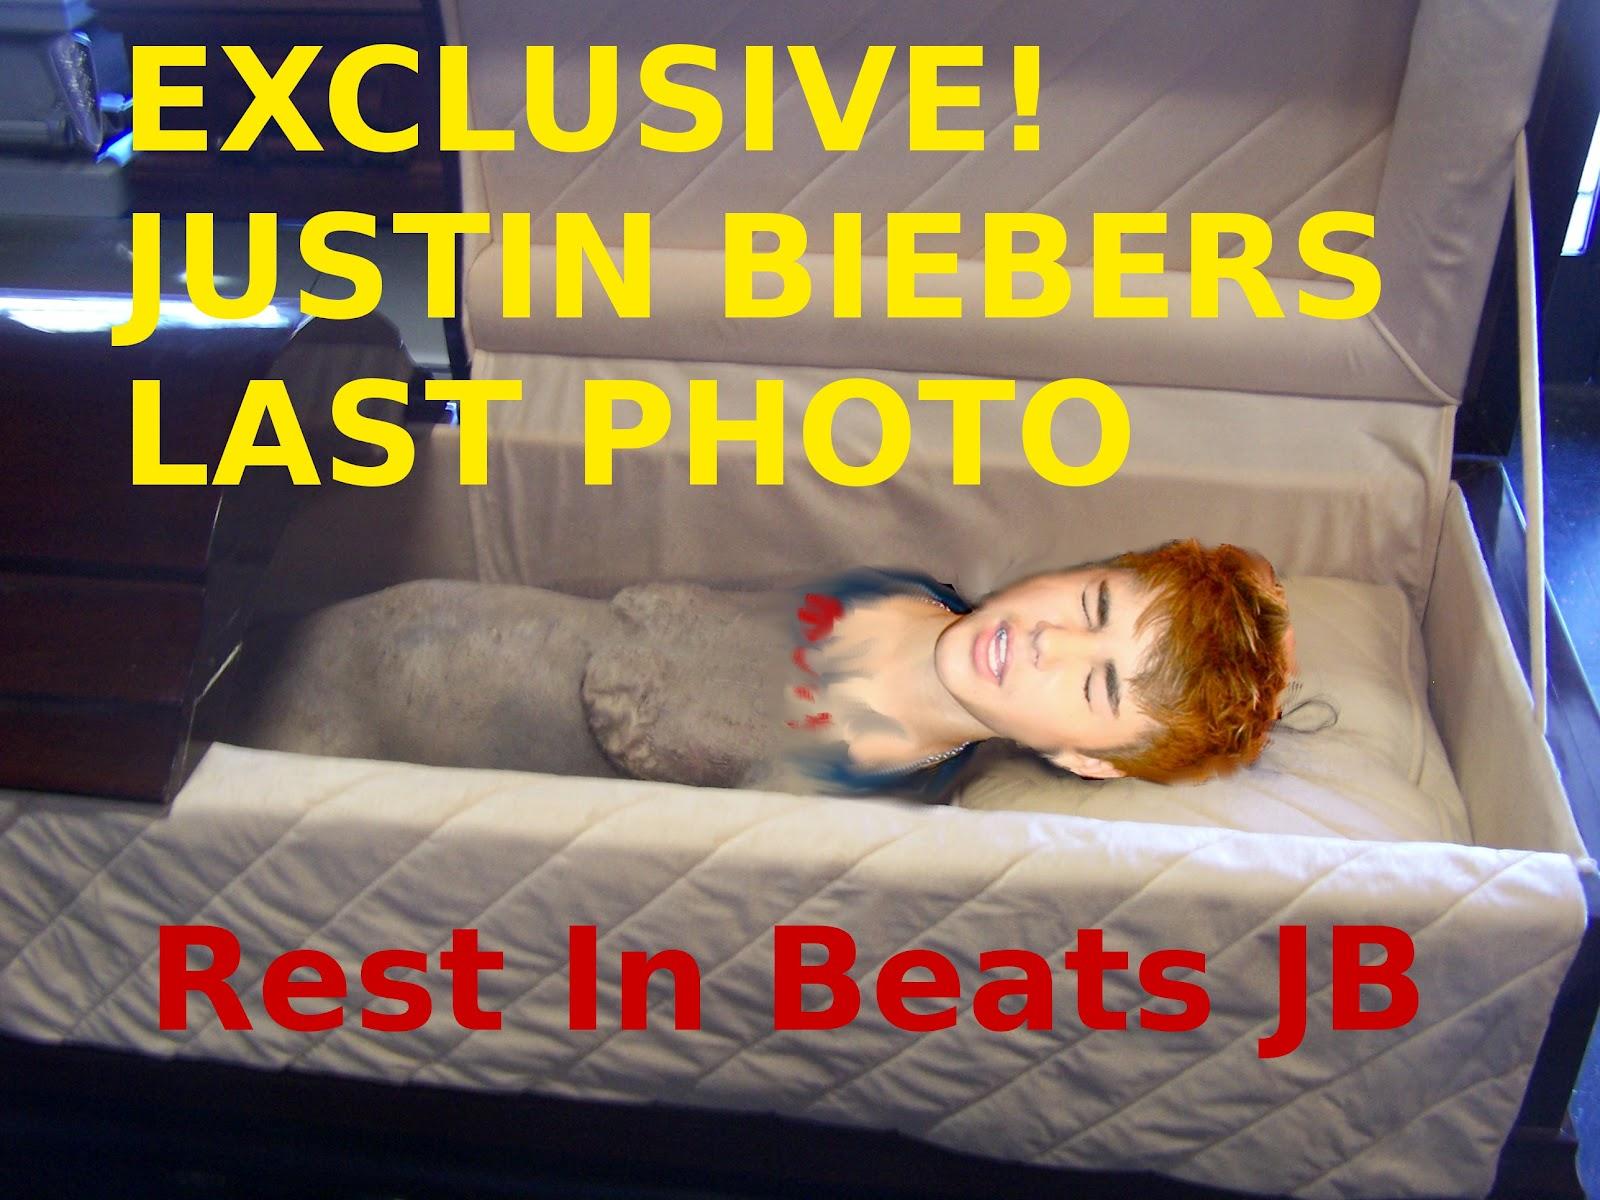 http://1.bp.blogspot.com/-F24VTcBqWCQ/T7_9ml8figI/AAAAAAAAALA/kwyI2LSTivU/s1600/Dead+Justin+Bieber+Death+Funeral.jpg